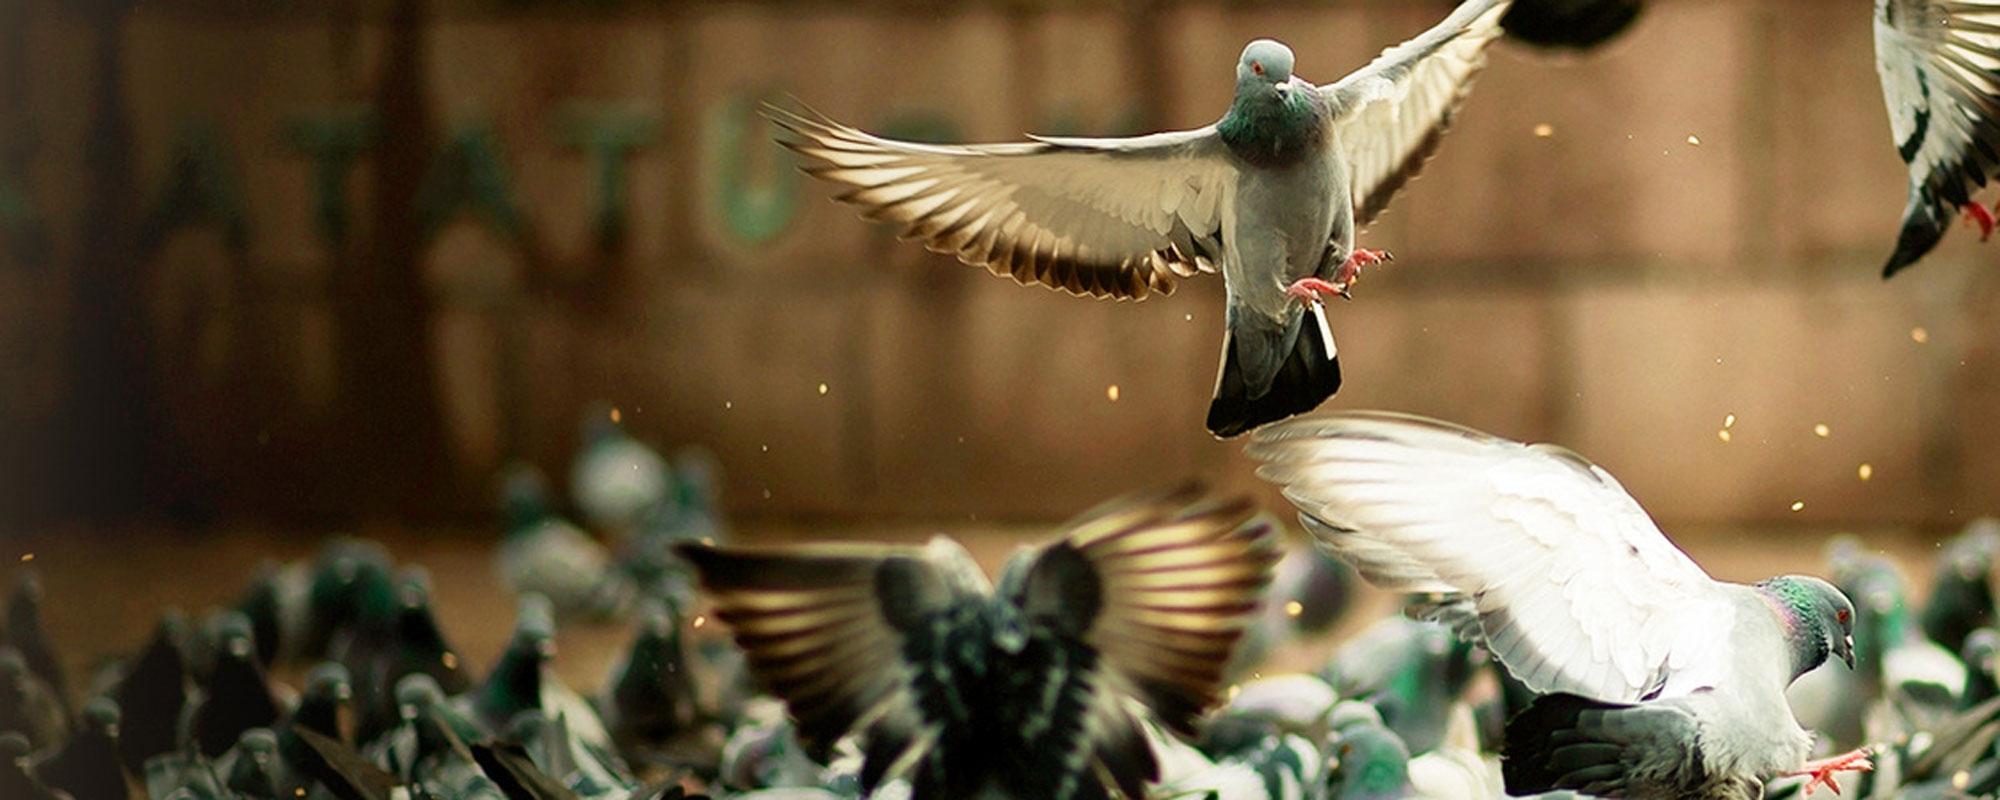 duivenwering attack vogels